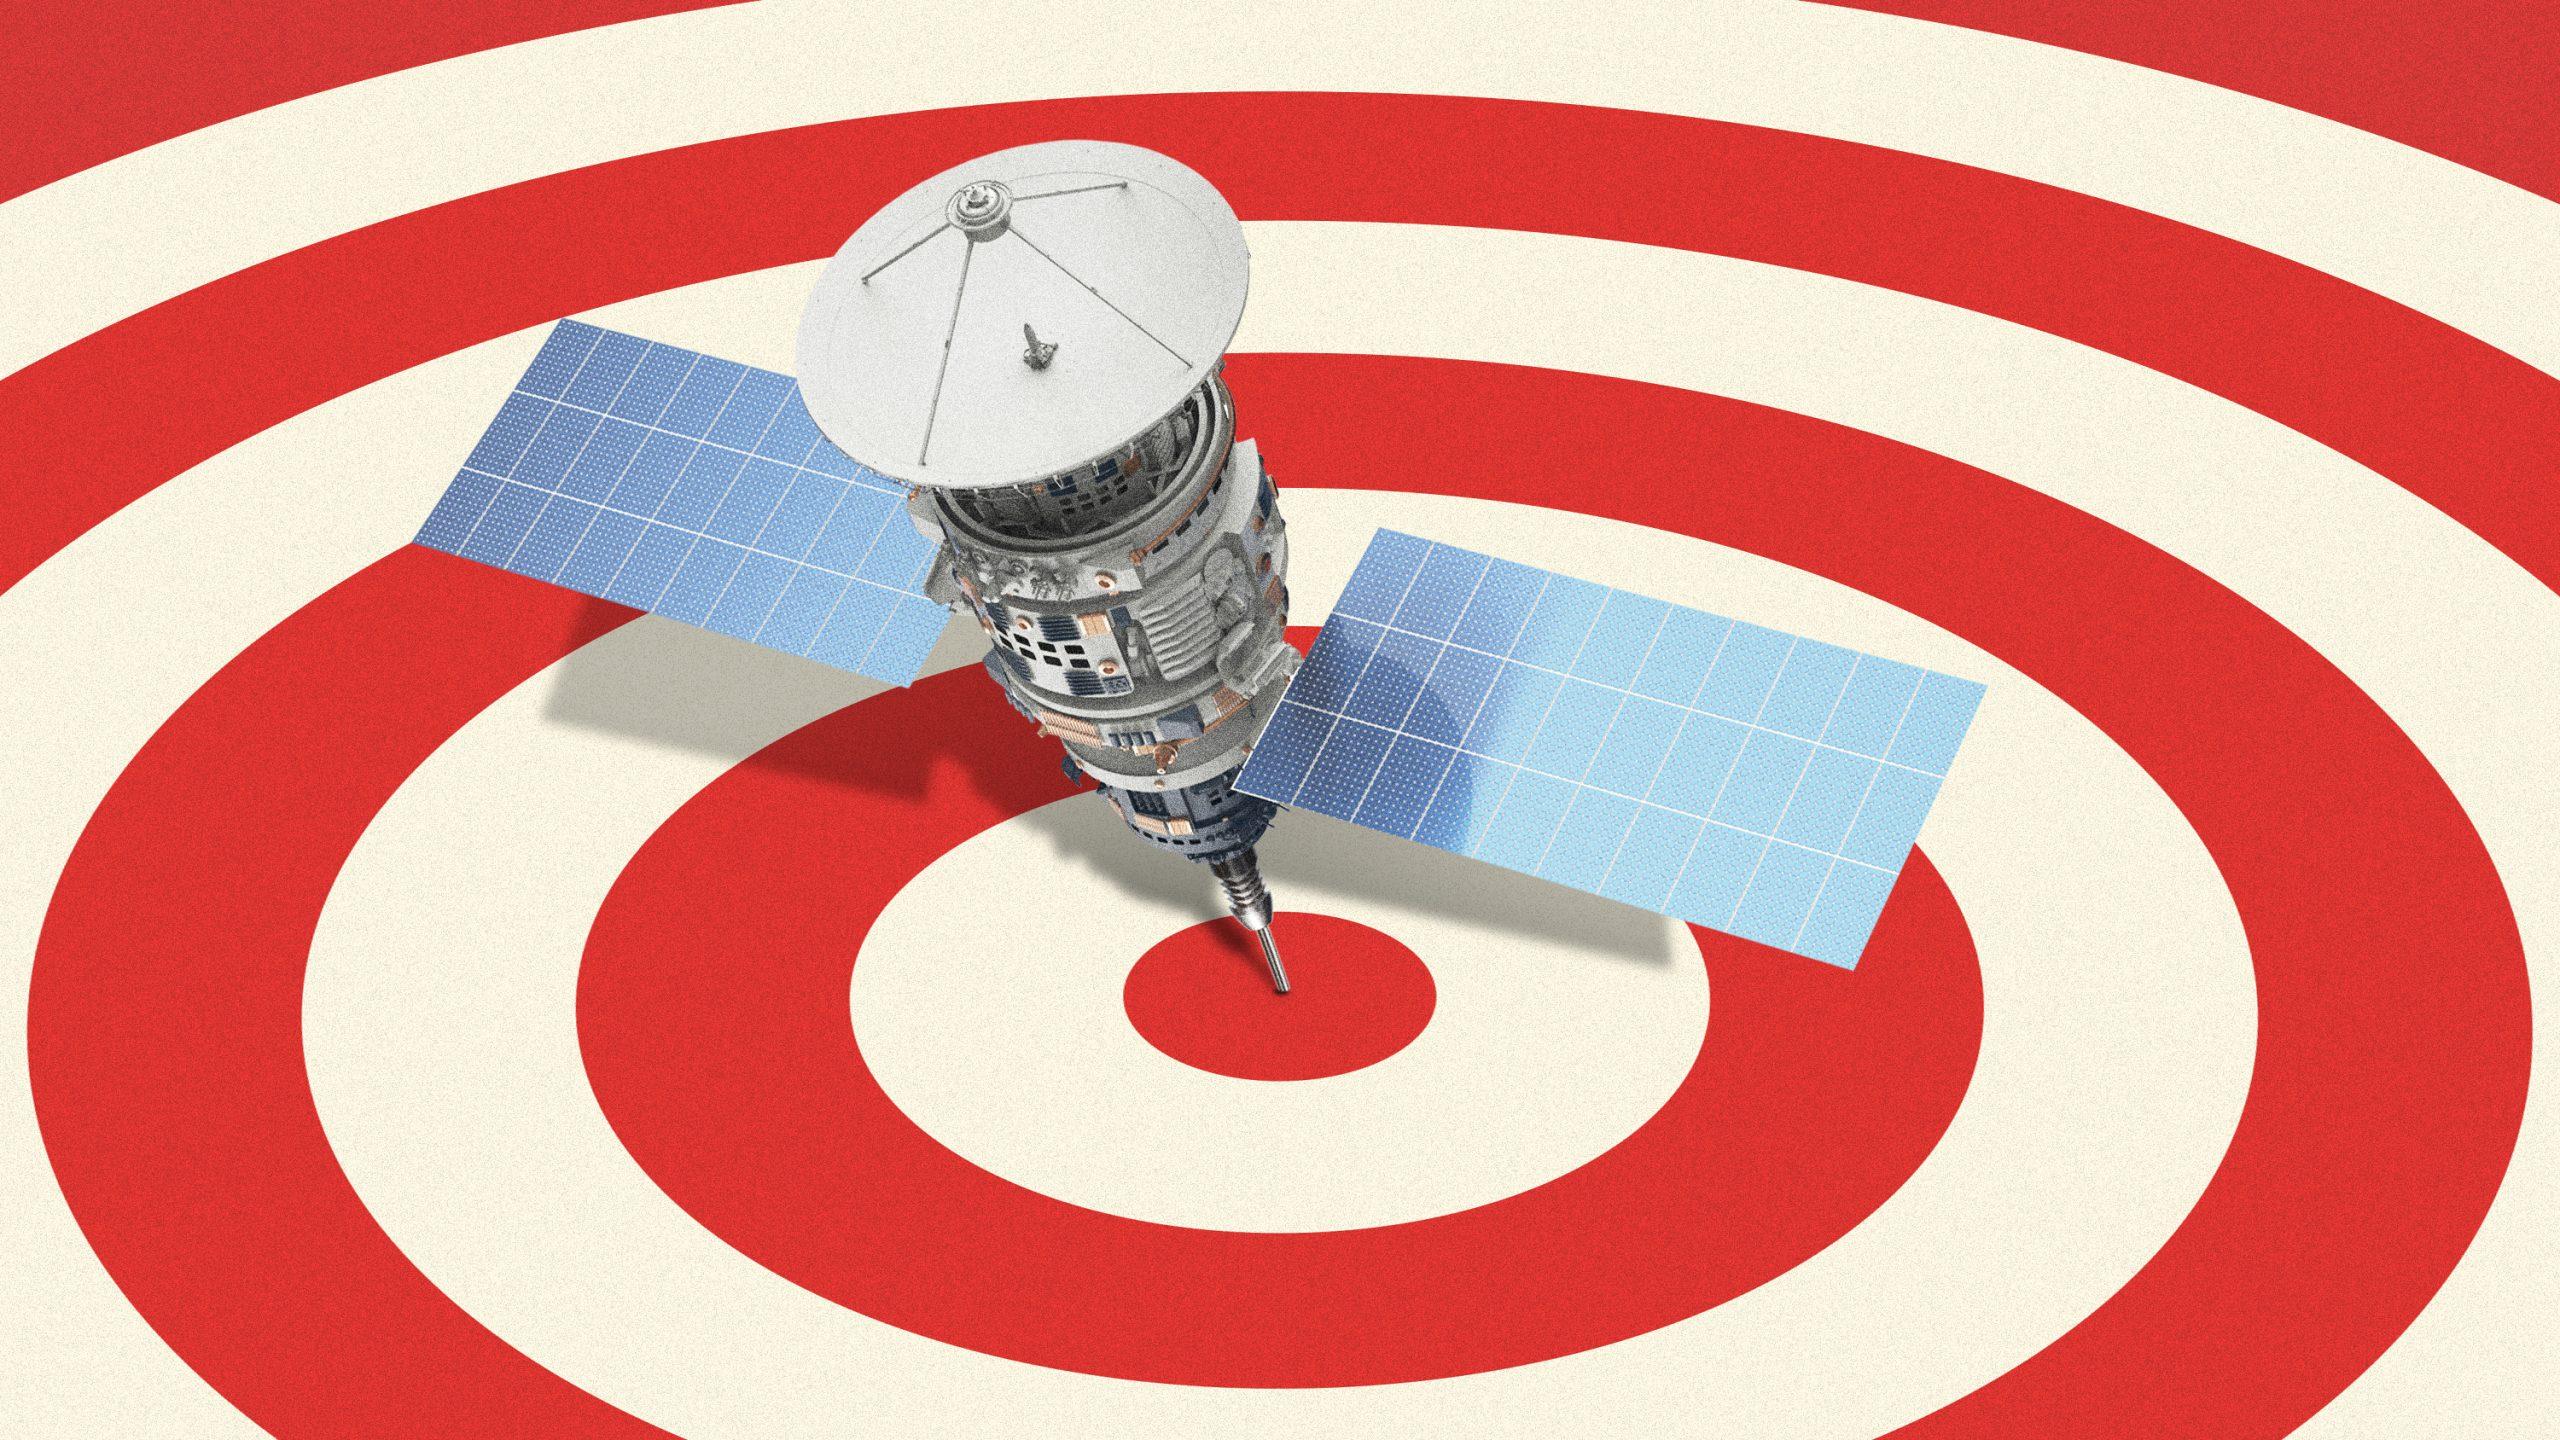 誤差わずか数センチ、超高精度位置情報測位が世界を包囲する